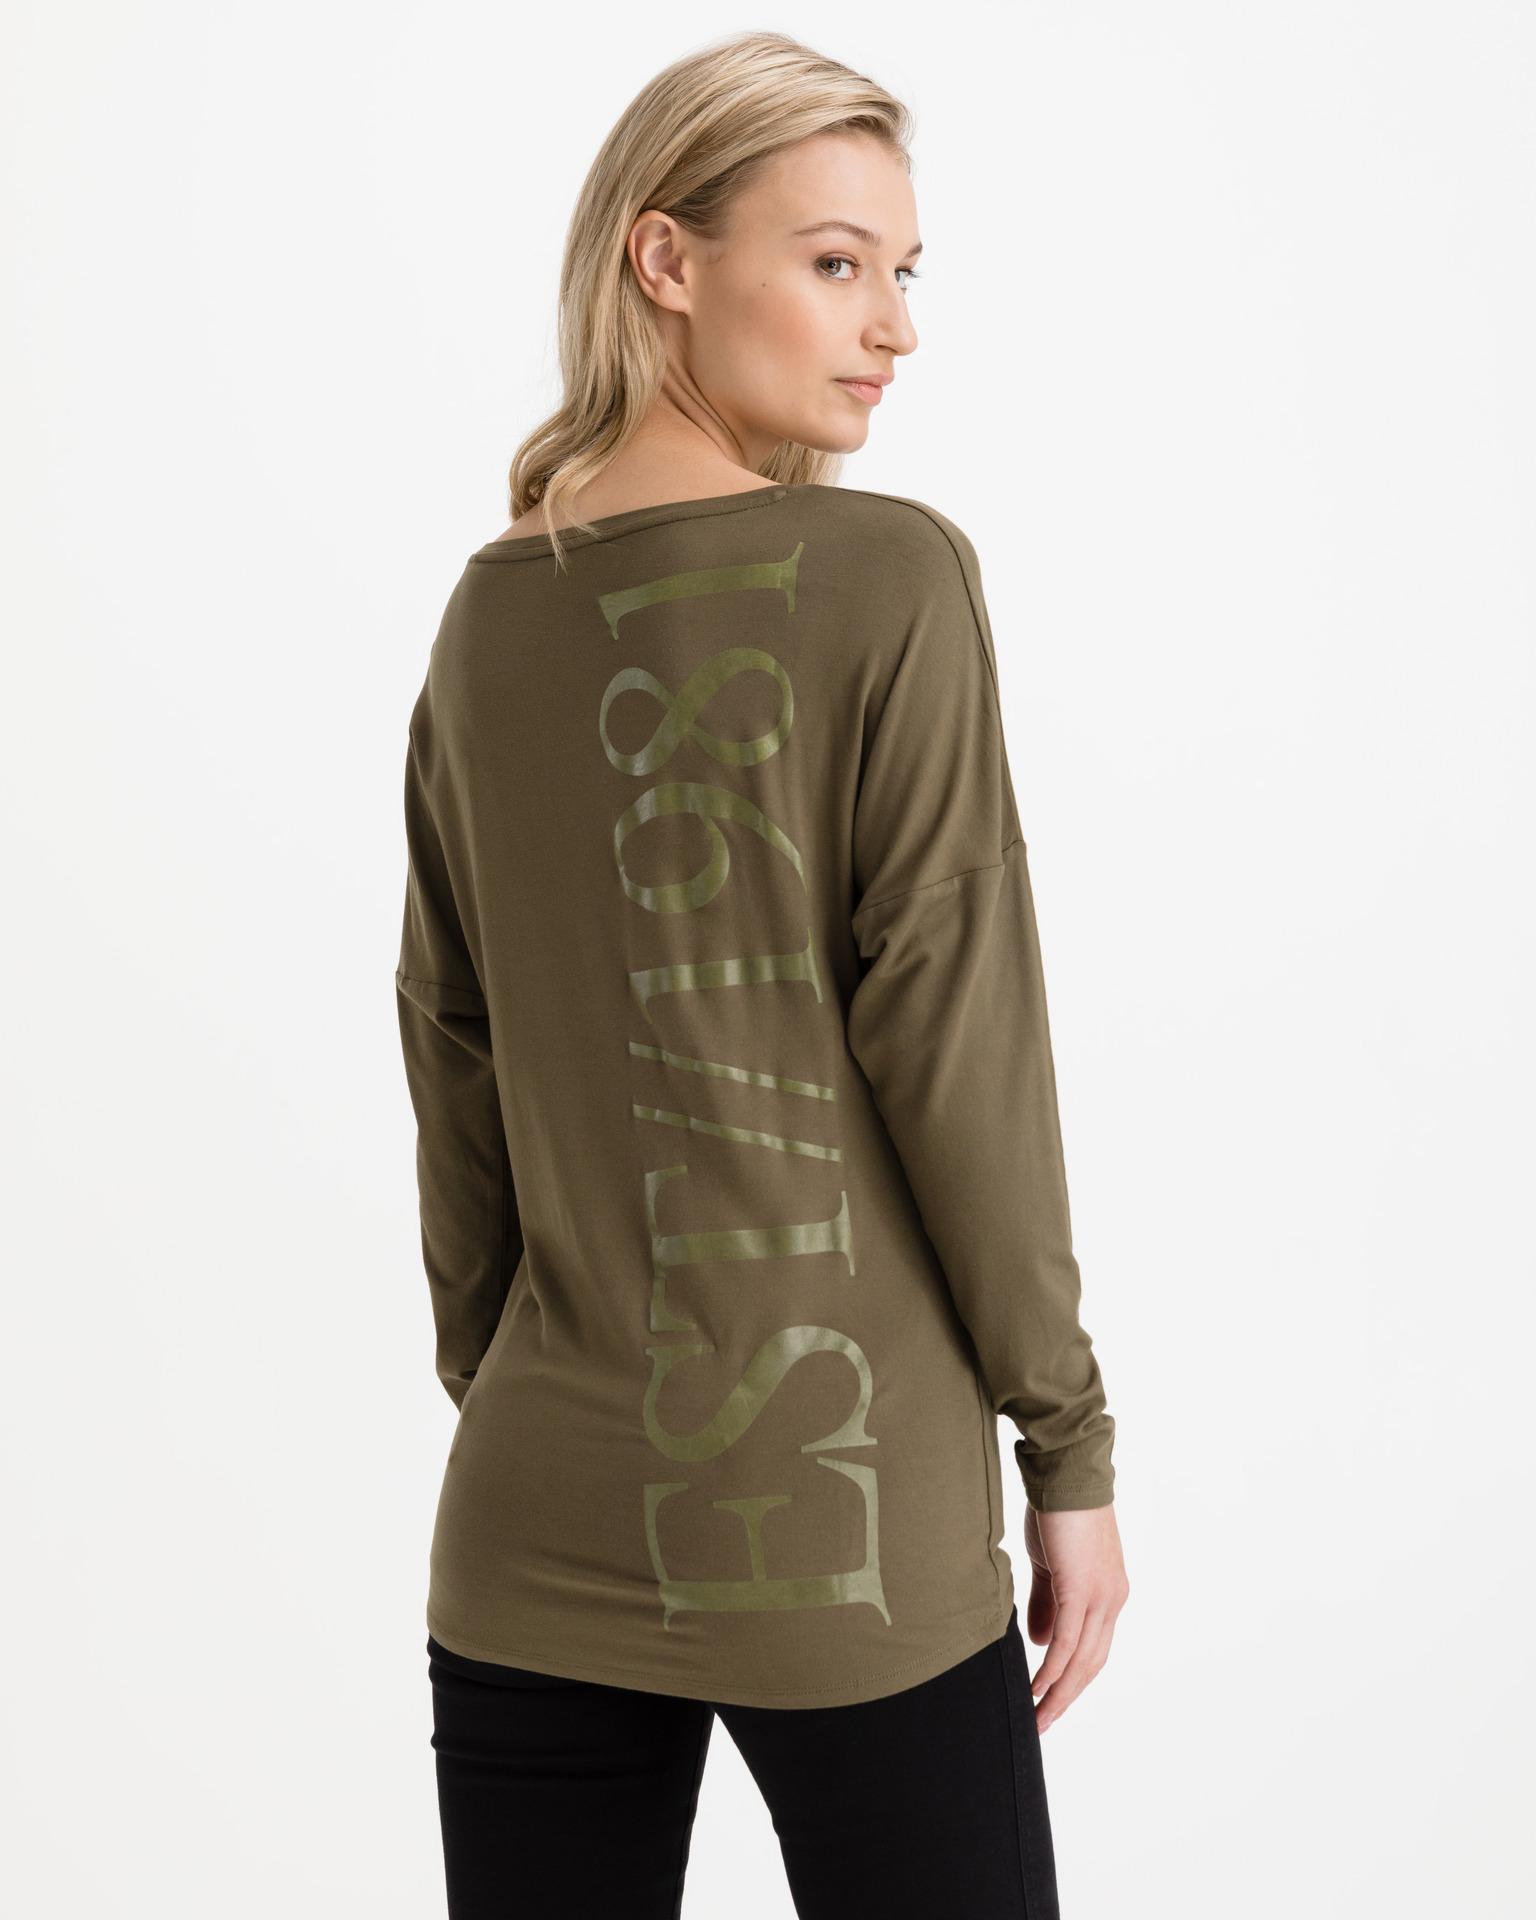 Guess zelené tričko Karolina